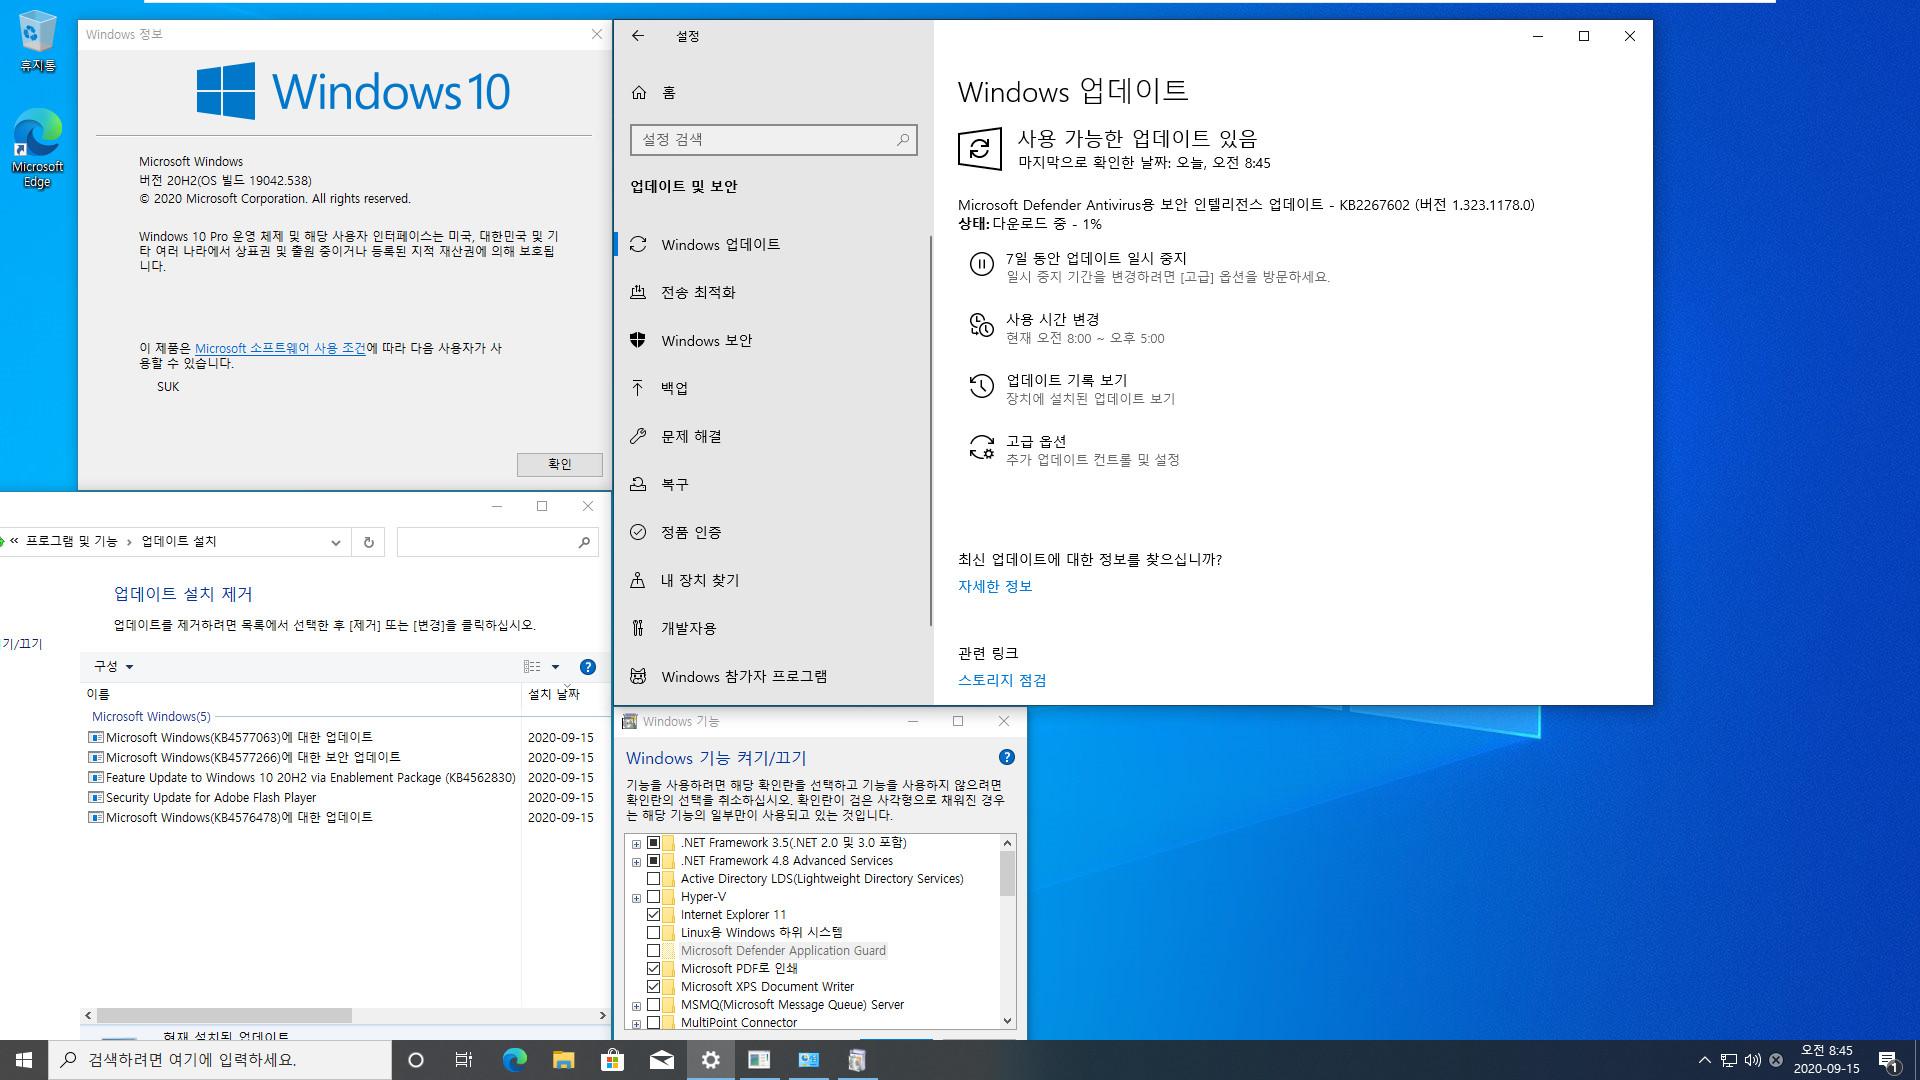 2020-09-15 업데이트 통합 PRO x64 2개 -Windows 10 버전 2004 + 버전 20H2 누적 업데이트 KB4577063 (OS 빌드 19041.538 + 19042.538) - 설치 테스트 2020-09-15_084509.jpg